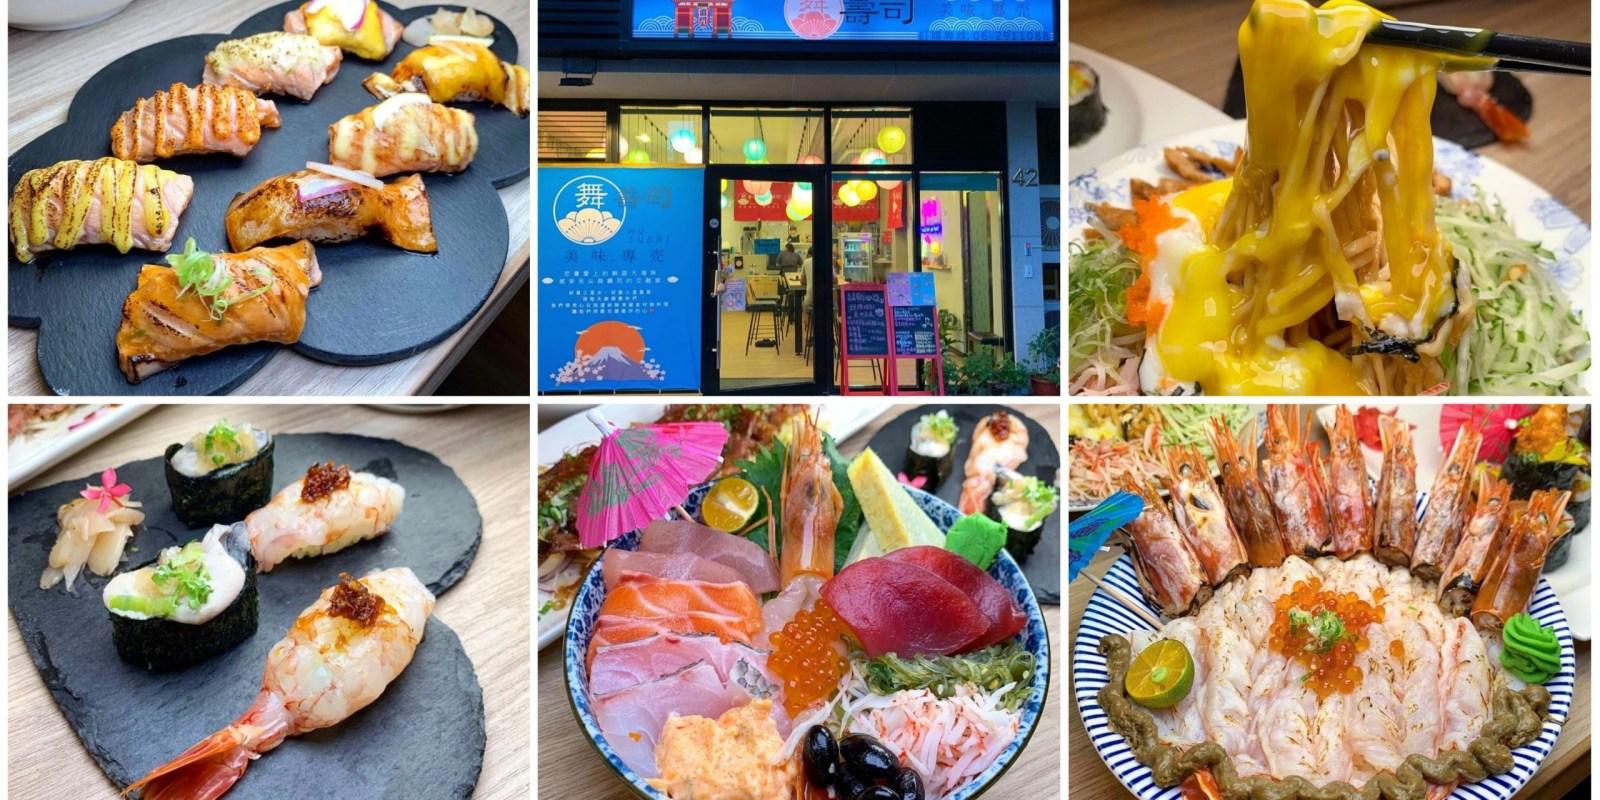 台南日本料理懶人包 - 台南必吃的日本料理和壽司店都在這裡!